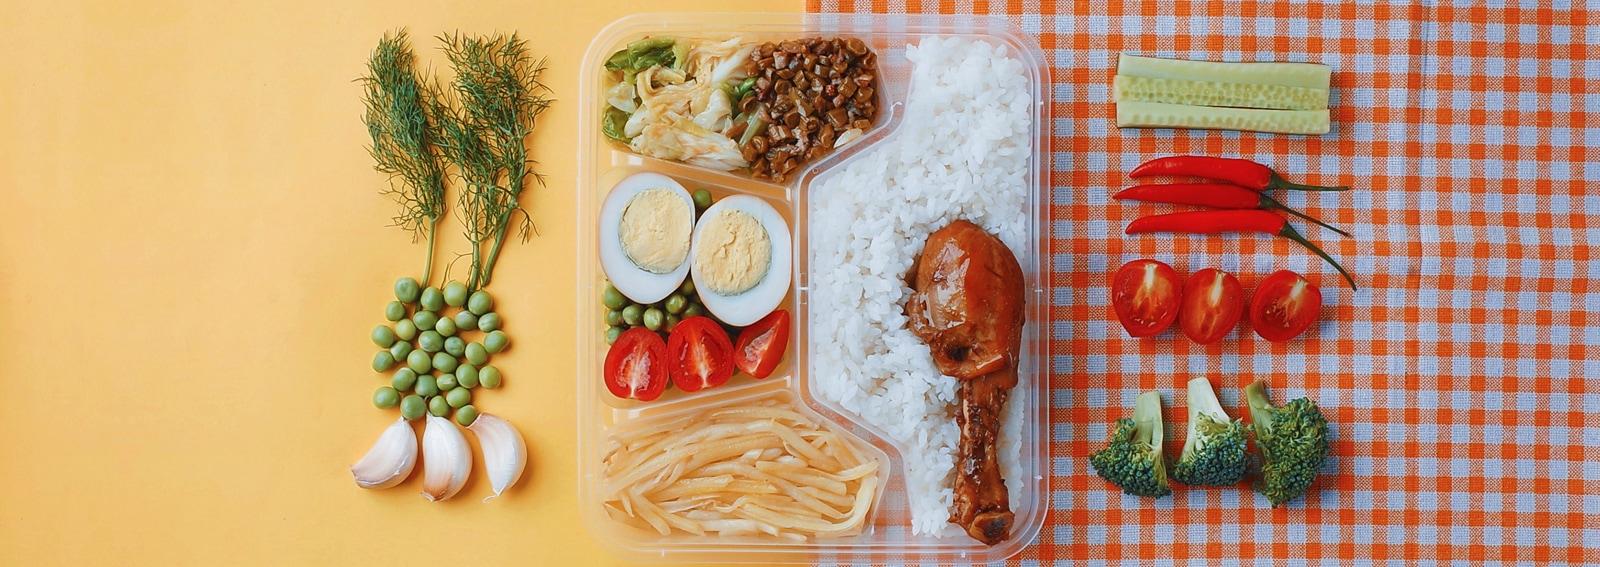 visore-lunch-boxDESK